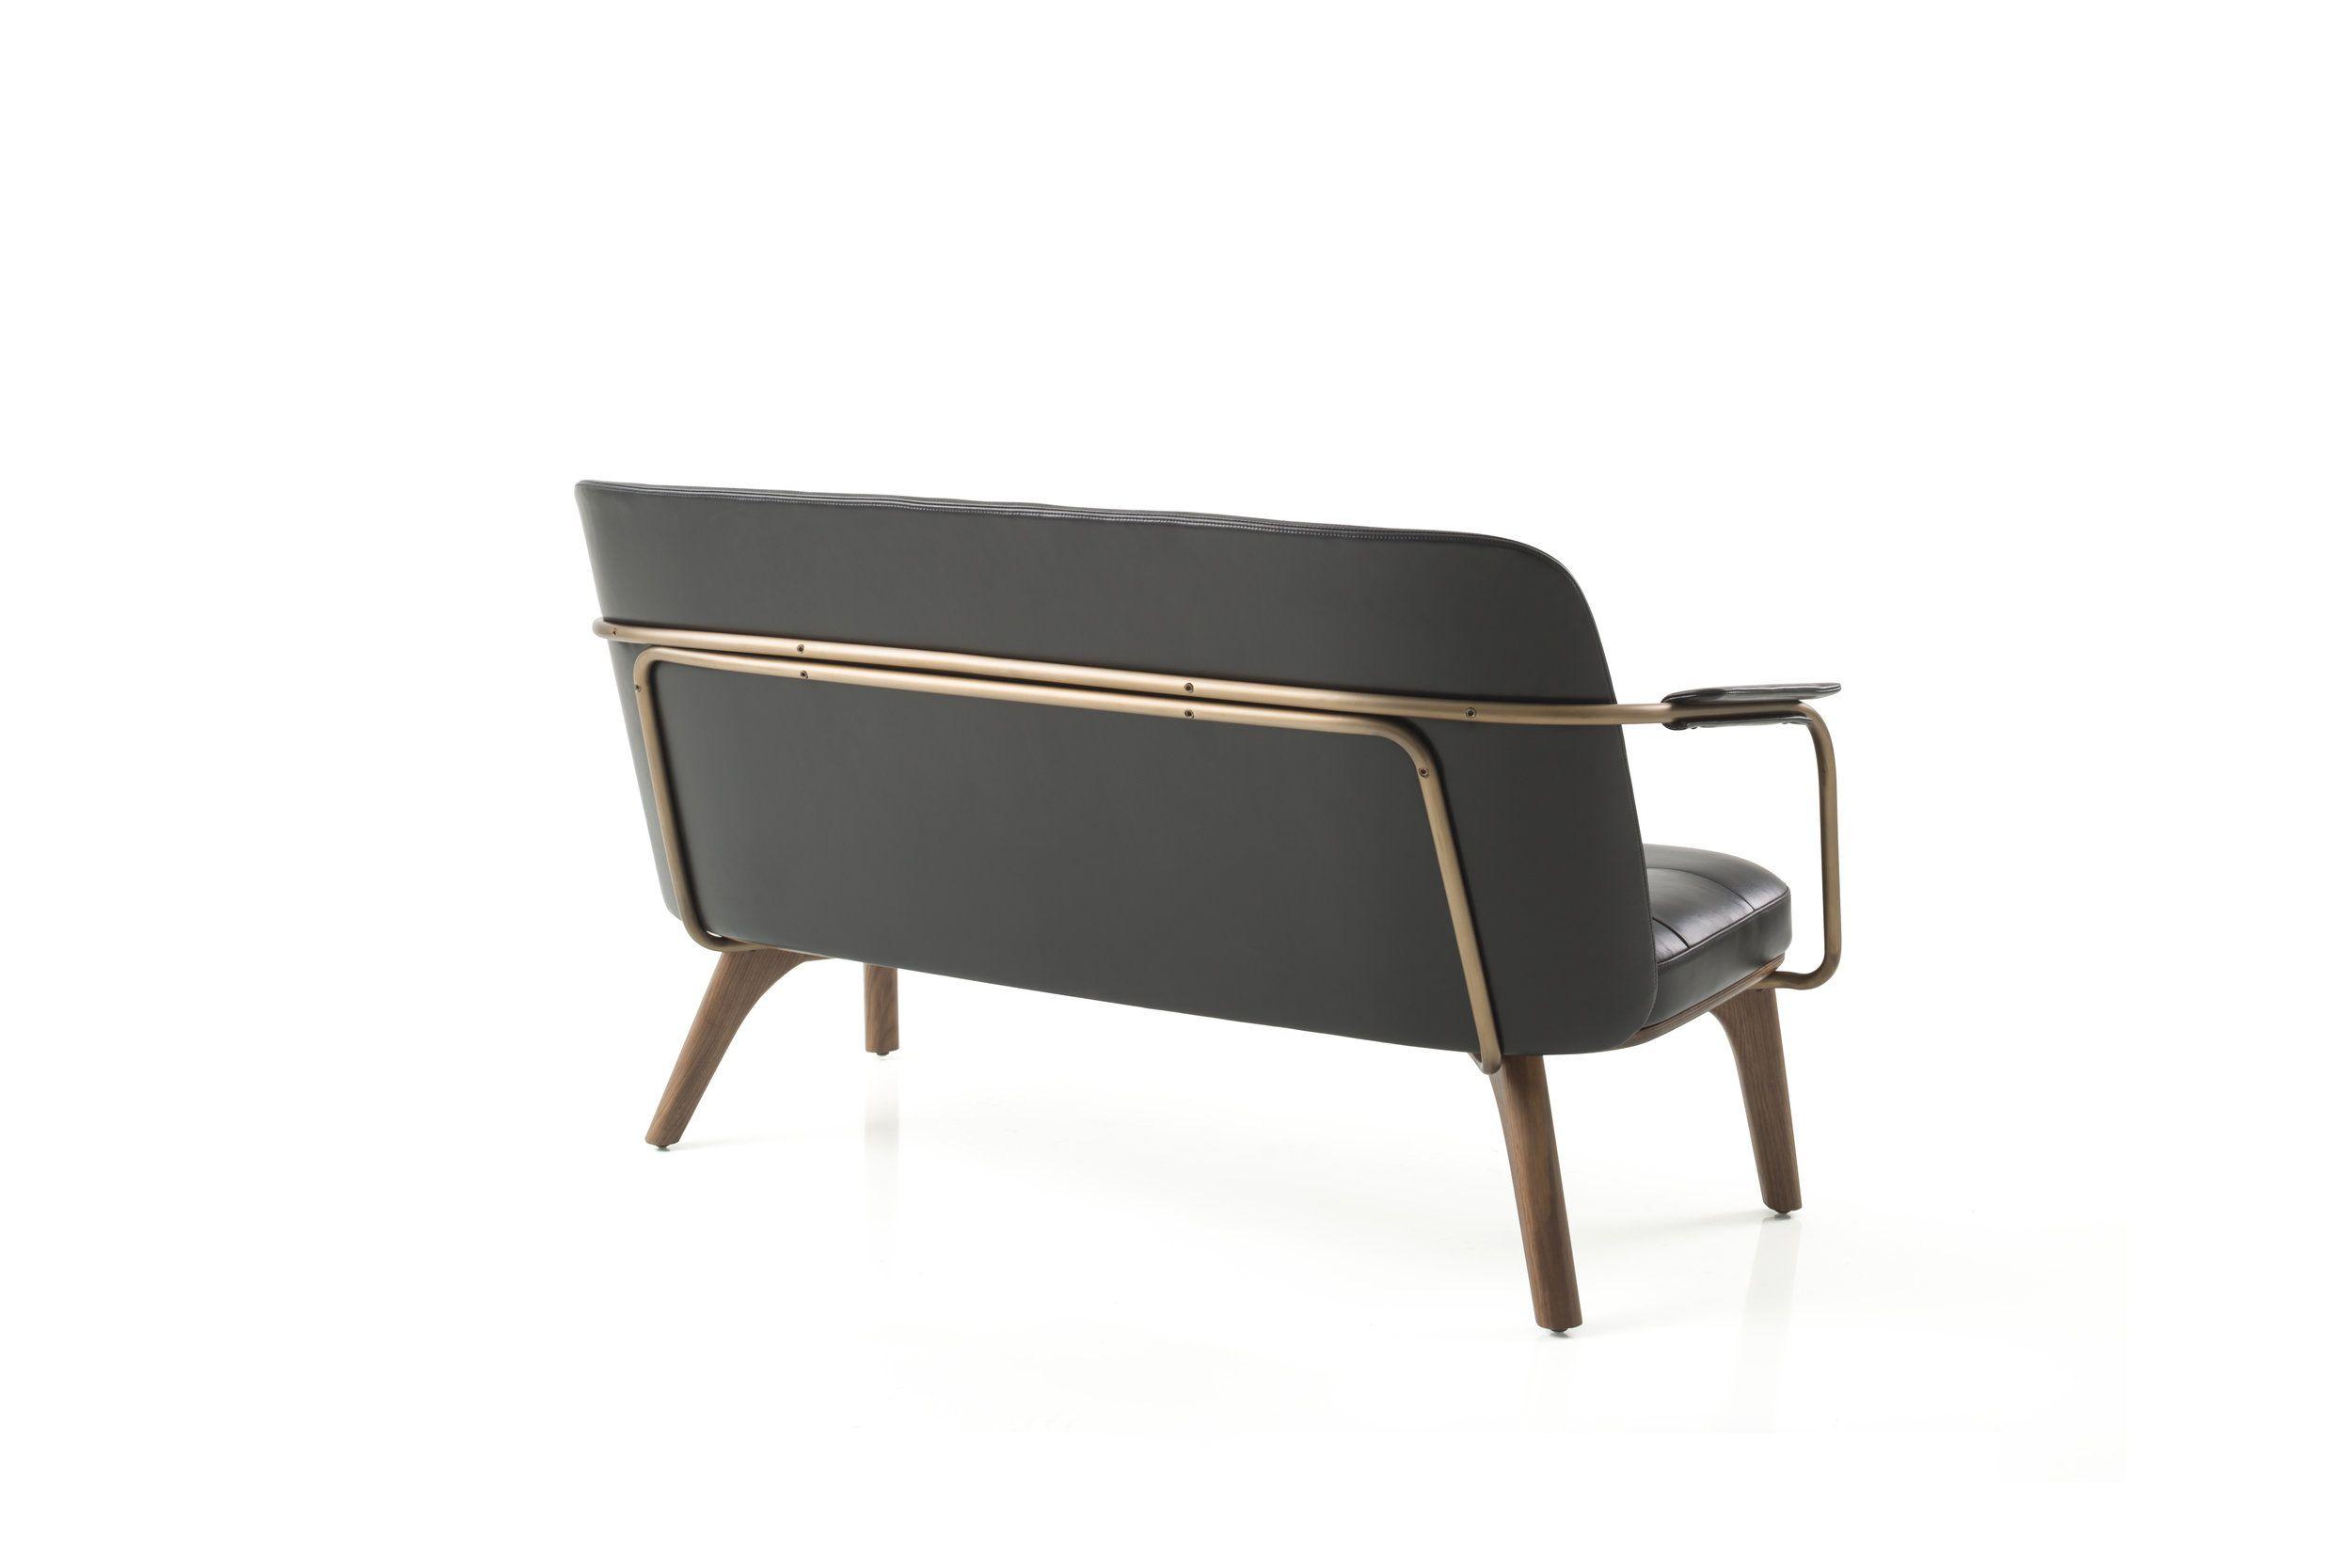 CHILLAX LOUNGE CHAIR — ROAM - Scandinavian Design